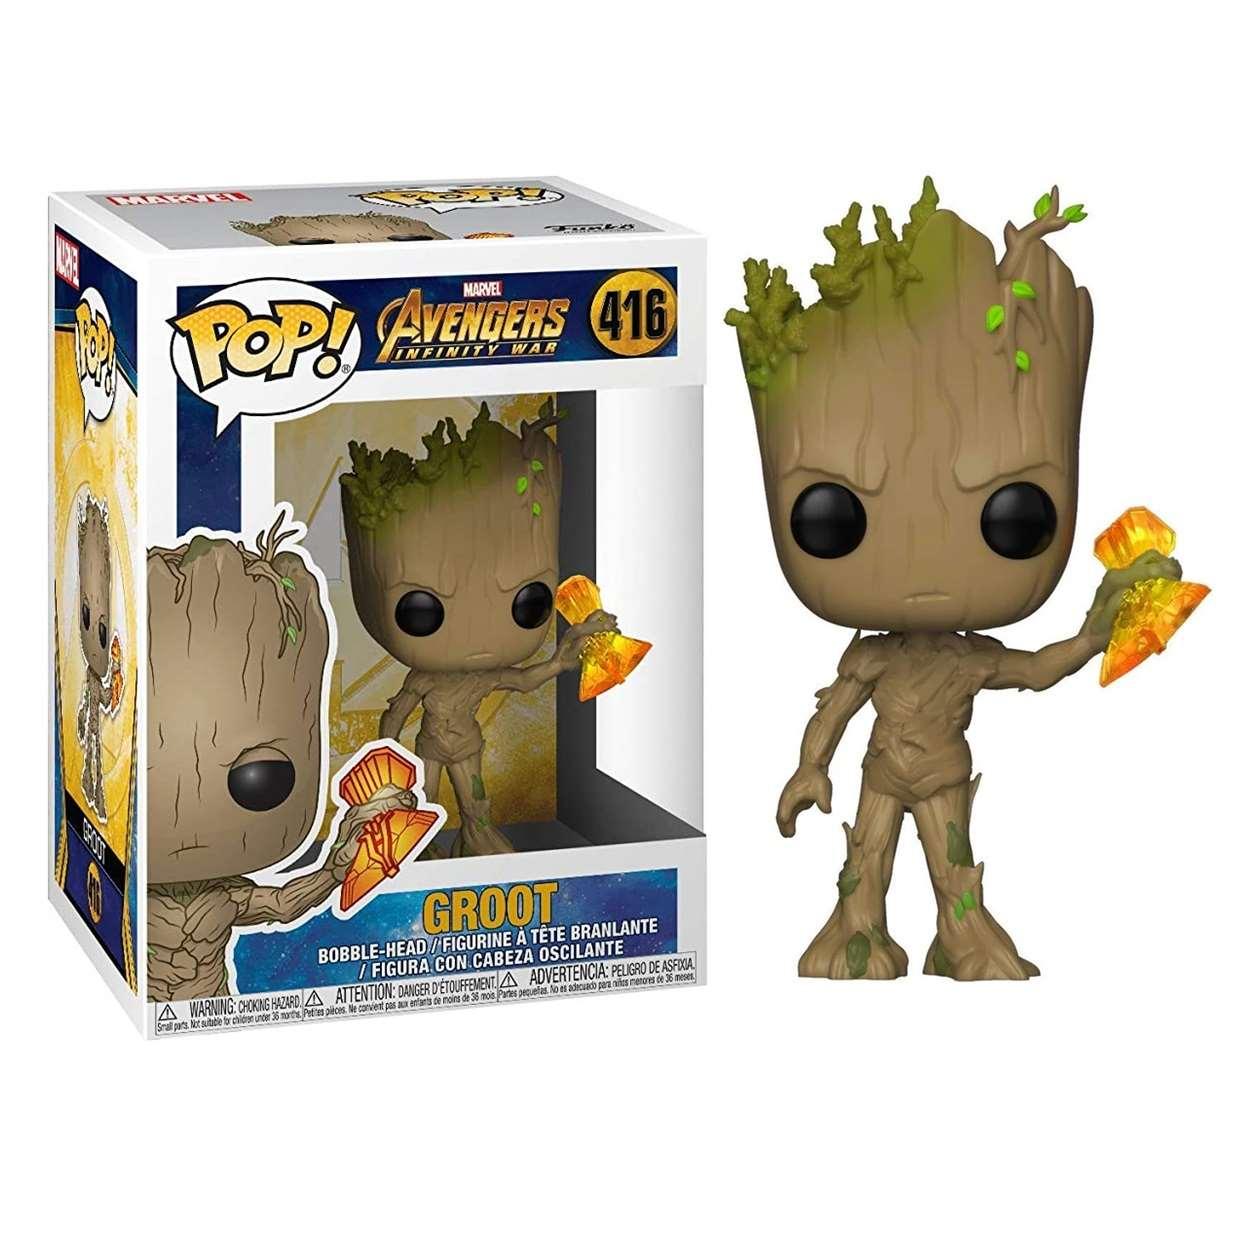 Groot Stormbreaker #416 Avengers Infinity War Funko Pop!